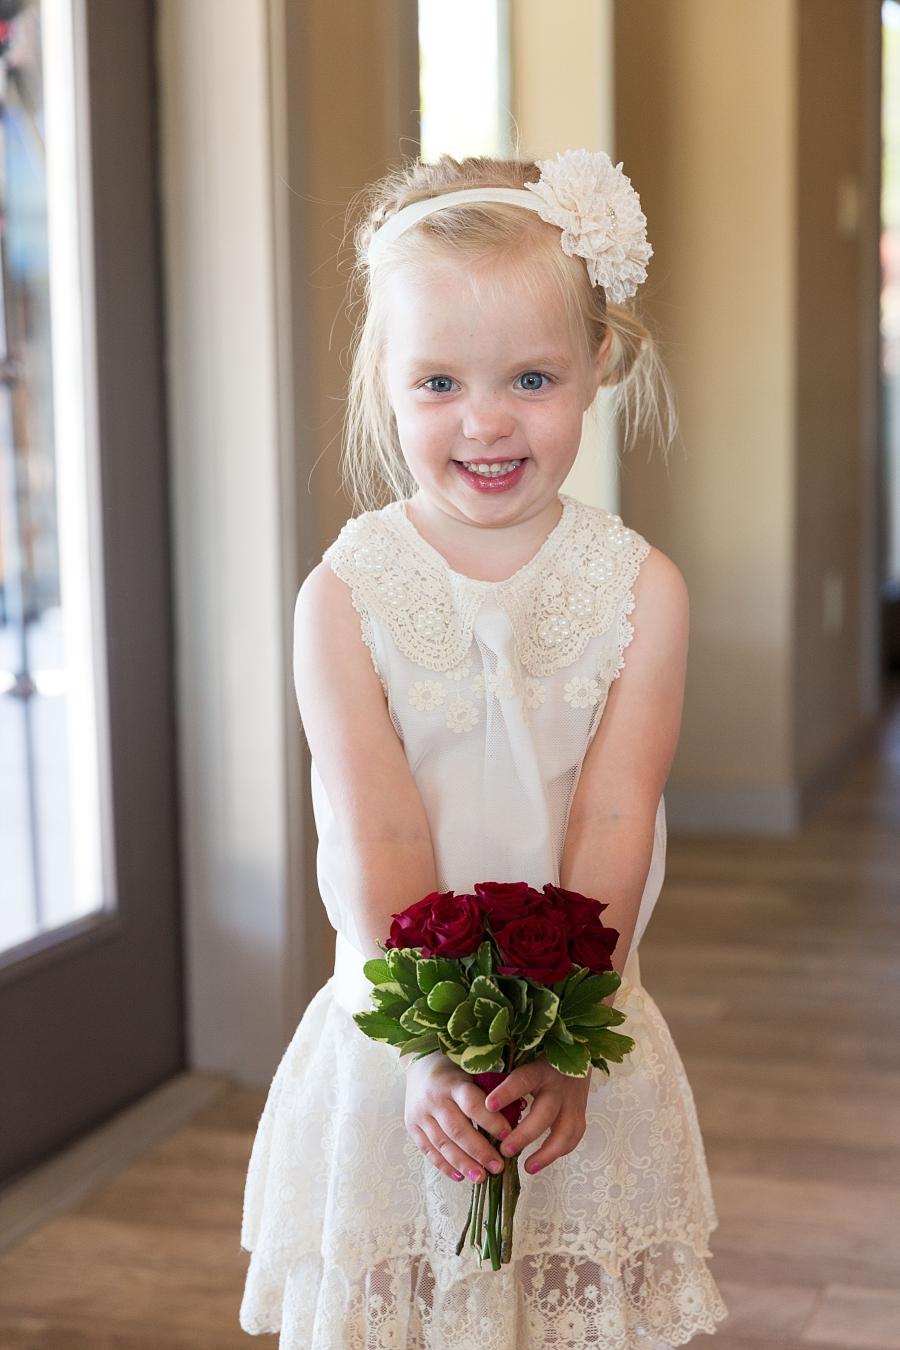 Stacy-Amderson-Photography-Houston-Fredericksberg-Wedding-Photographer_0044.jpg